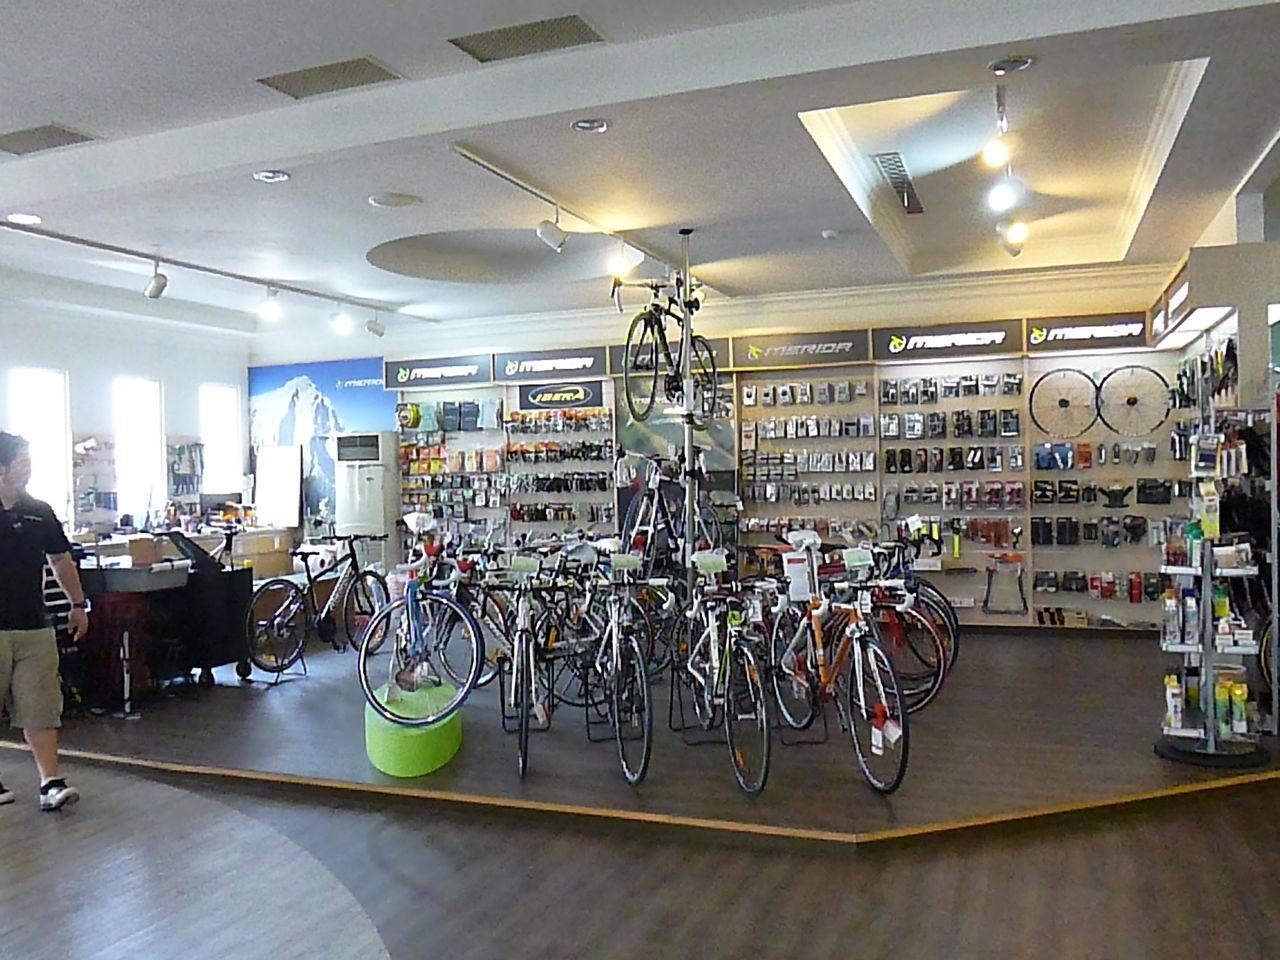 自転車の 自転車 藤沢 ショップ : そして目的のMERIDA本社工場視察